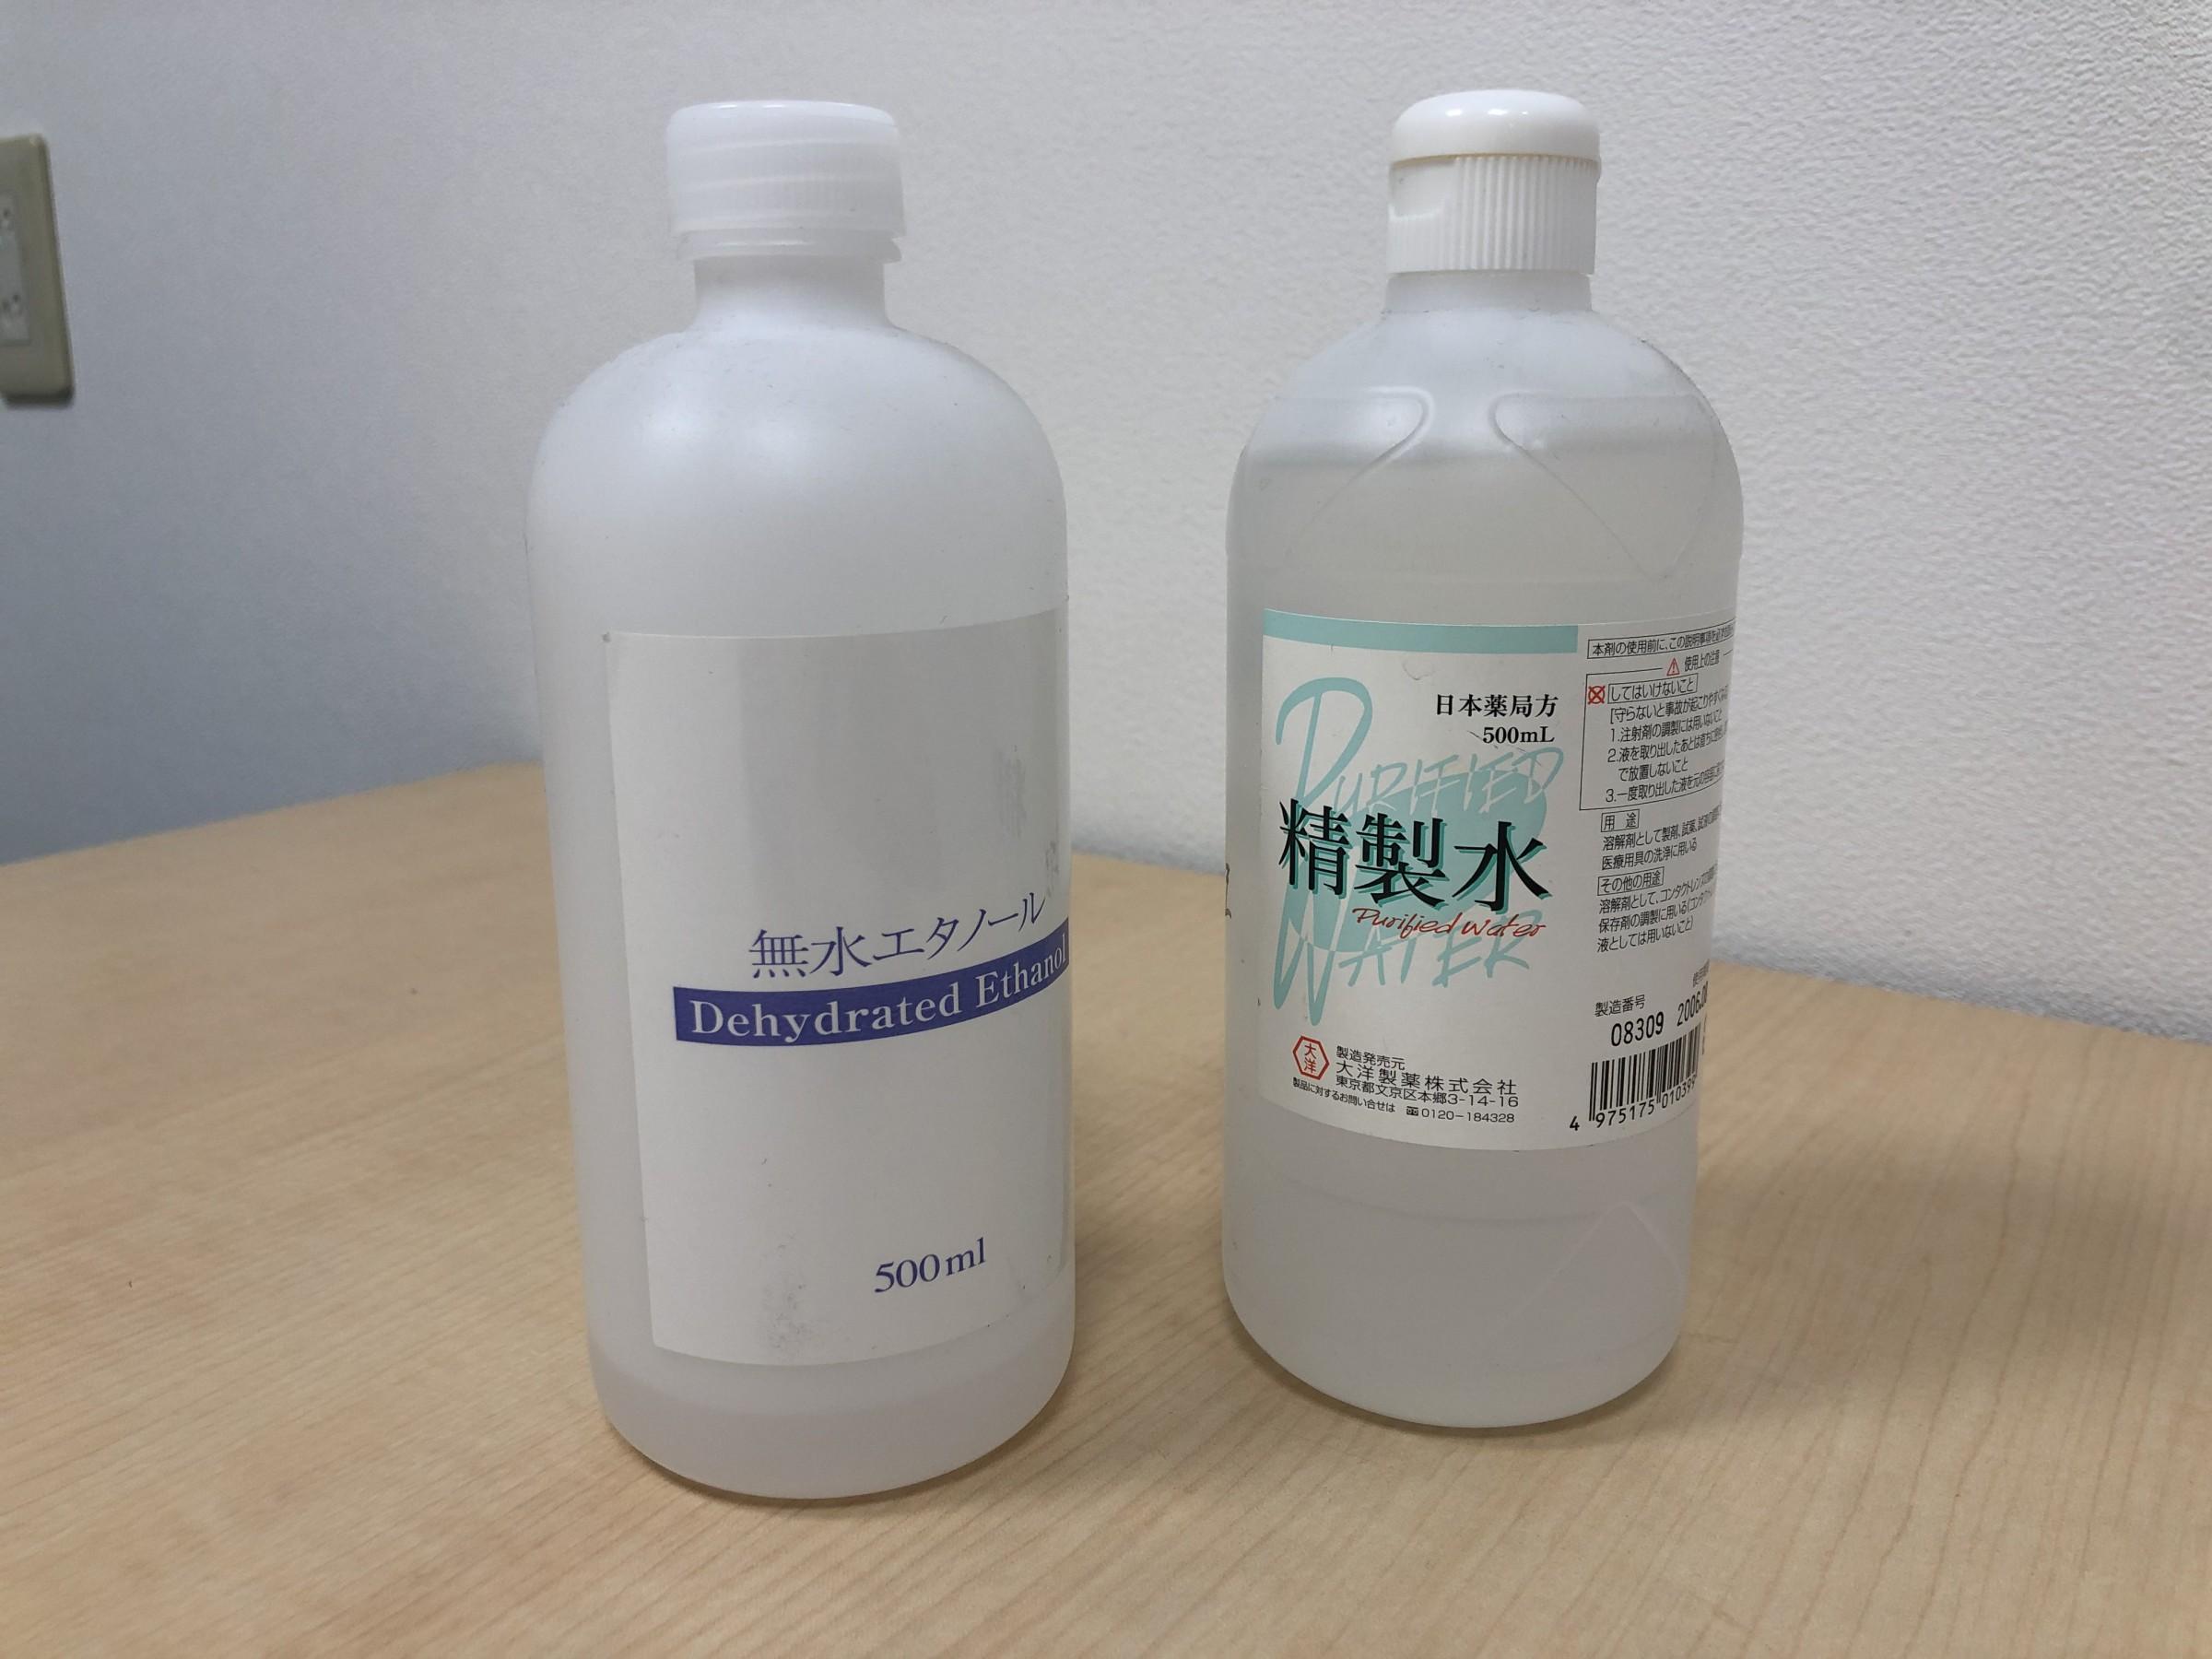 イソプロピル アルコール 消毒 液 作り方